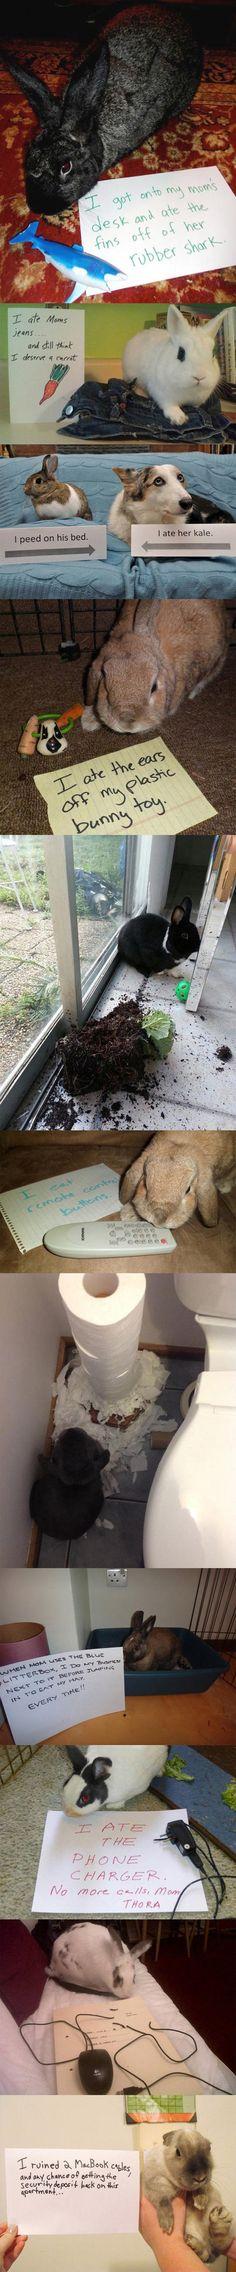 Diese Kaninchen sollten sich schämen